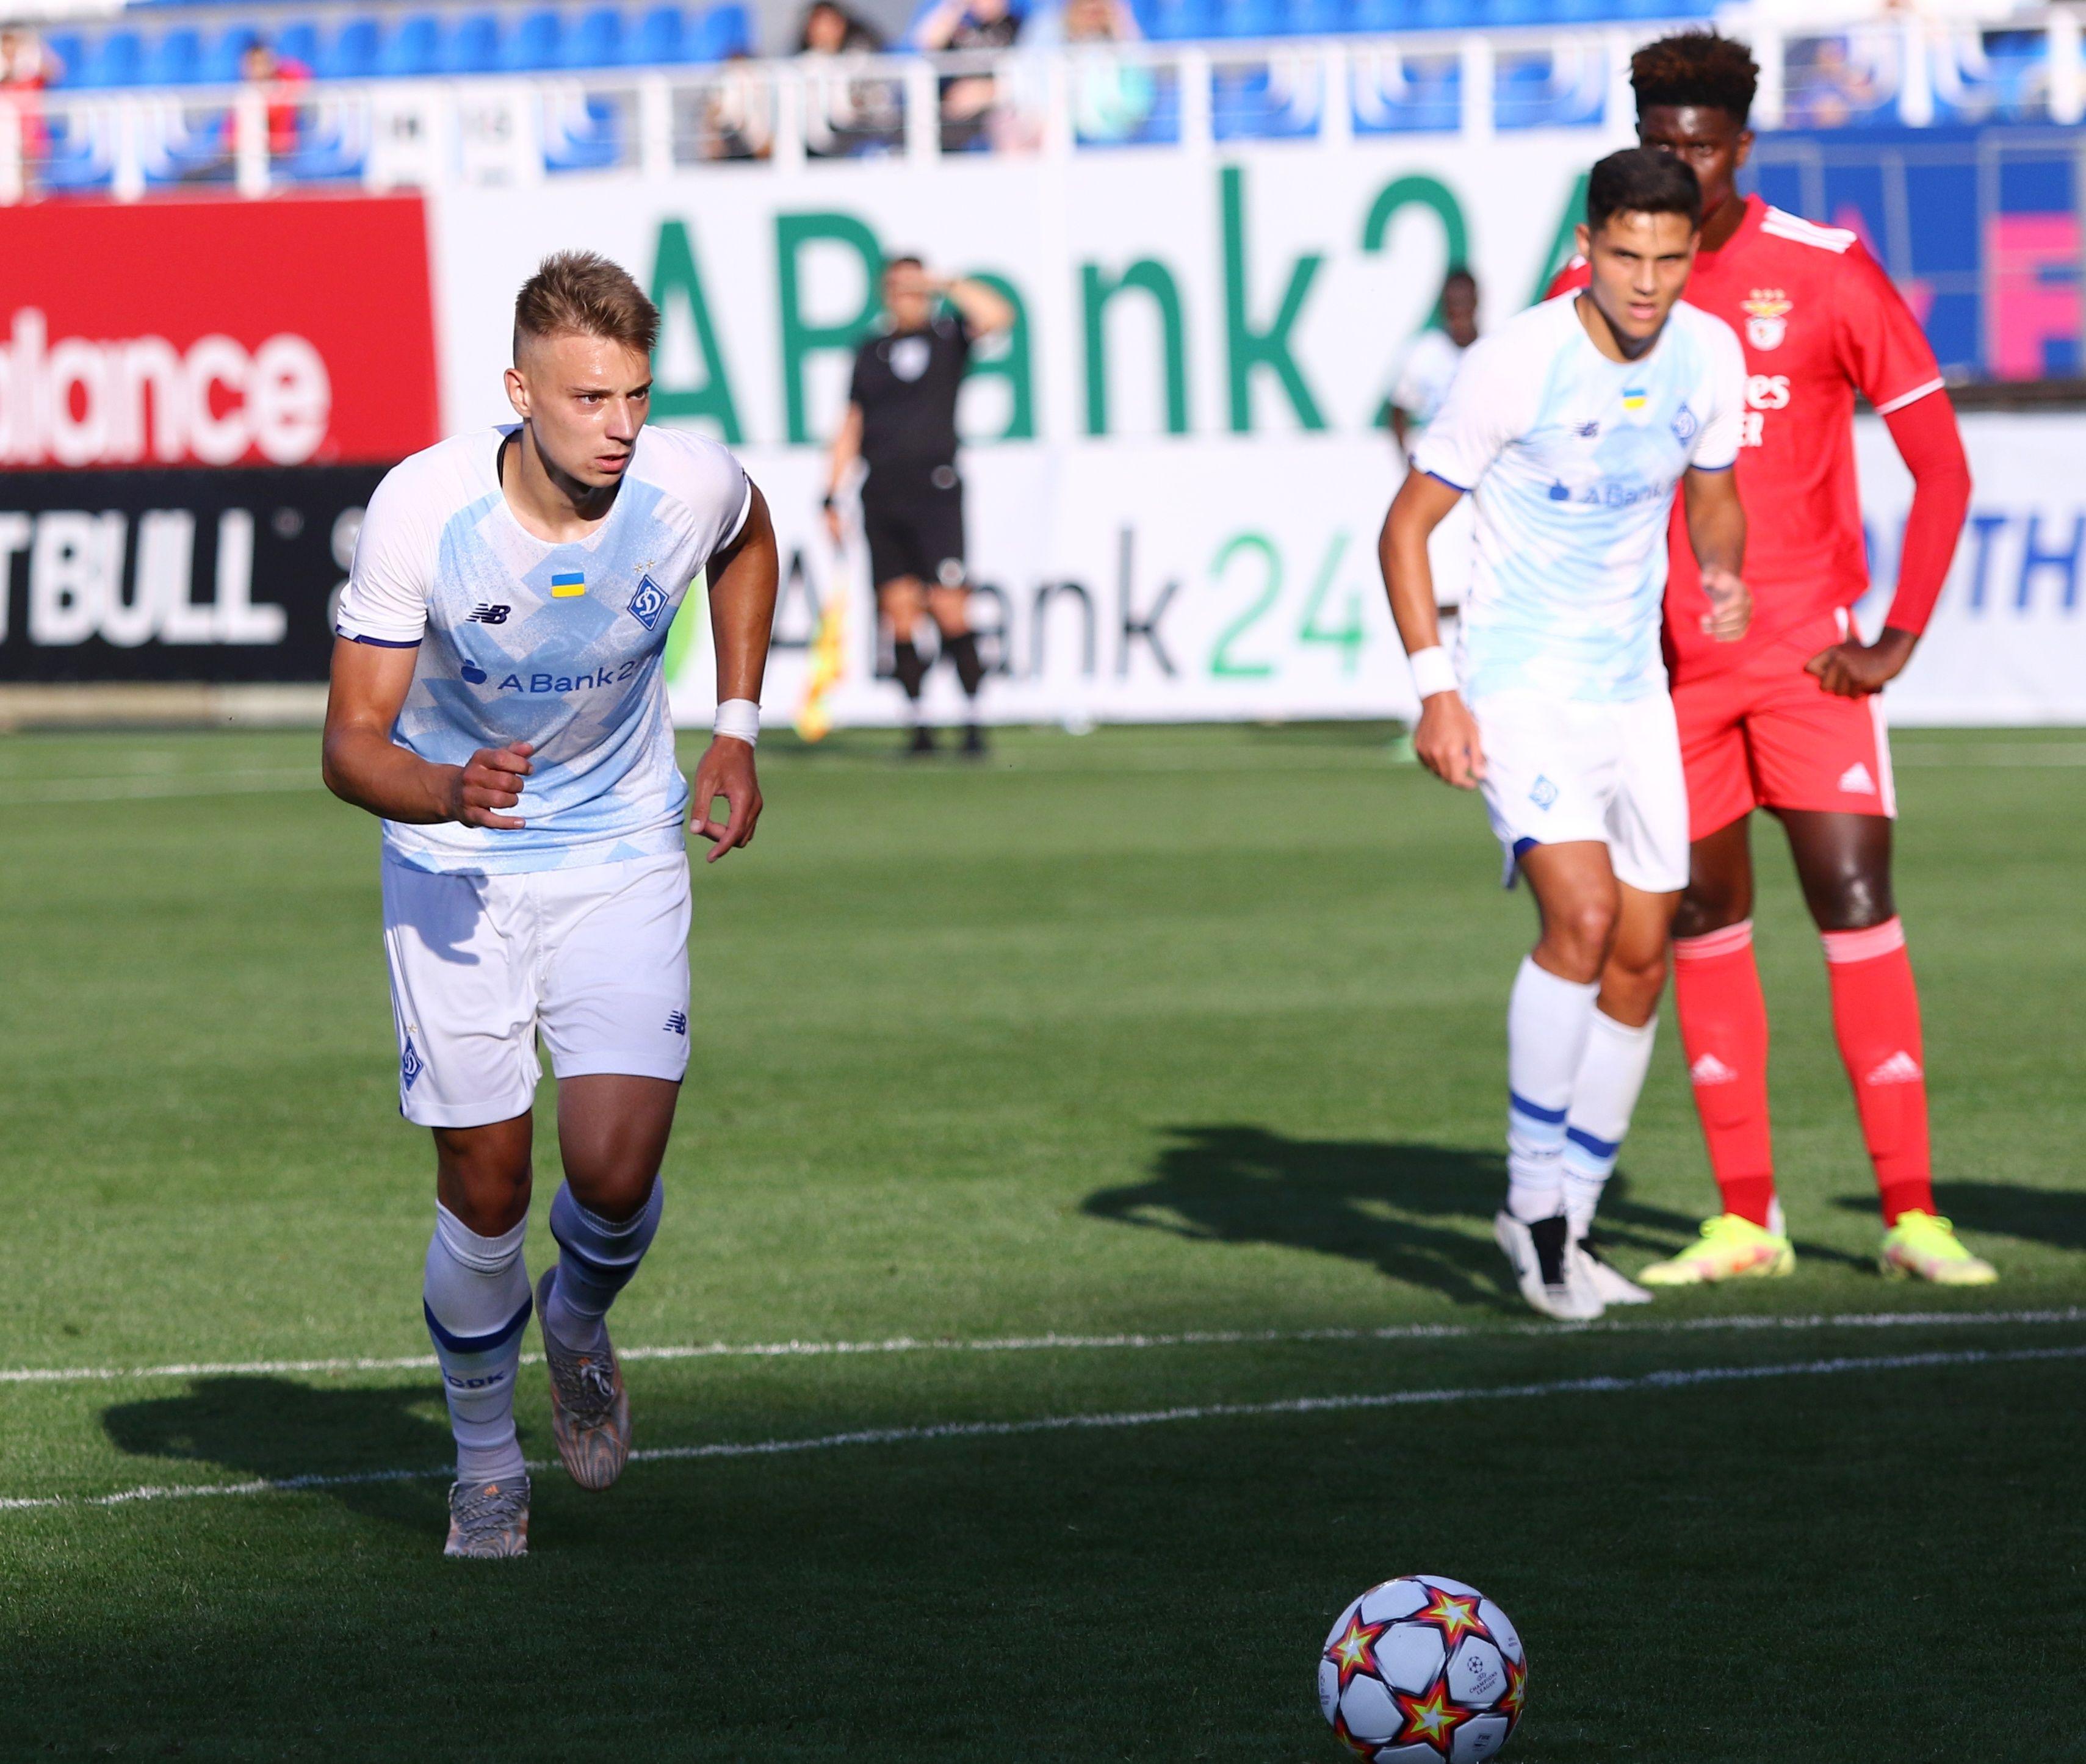 Отличный старт! ФОТО репортаж с матча Юношеской лиги УЕФА Динамо - Бенфика 4:0 - фото 21